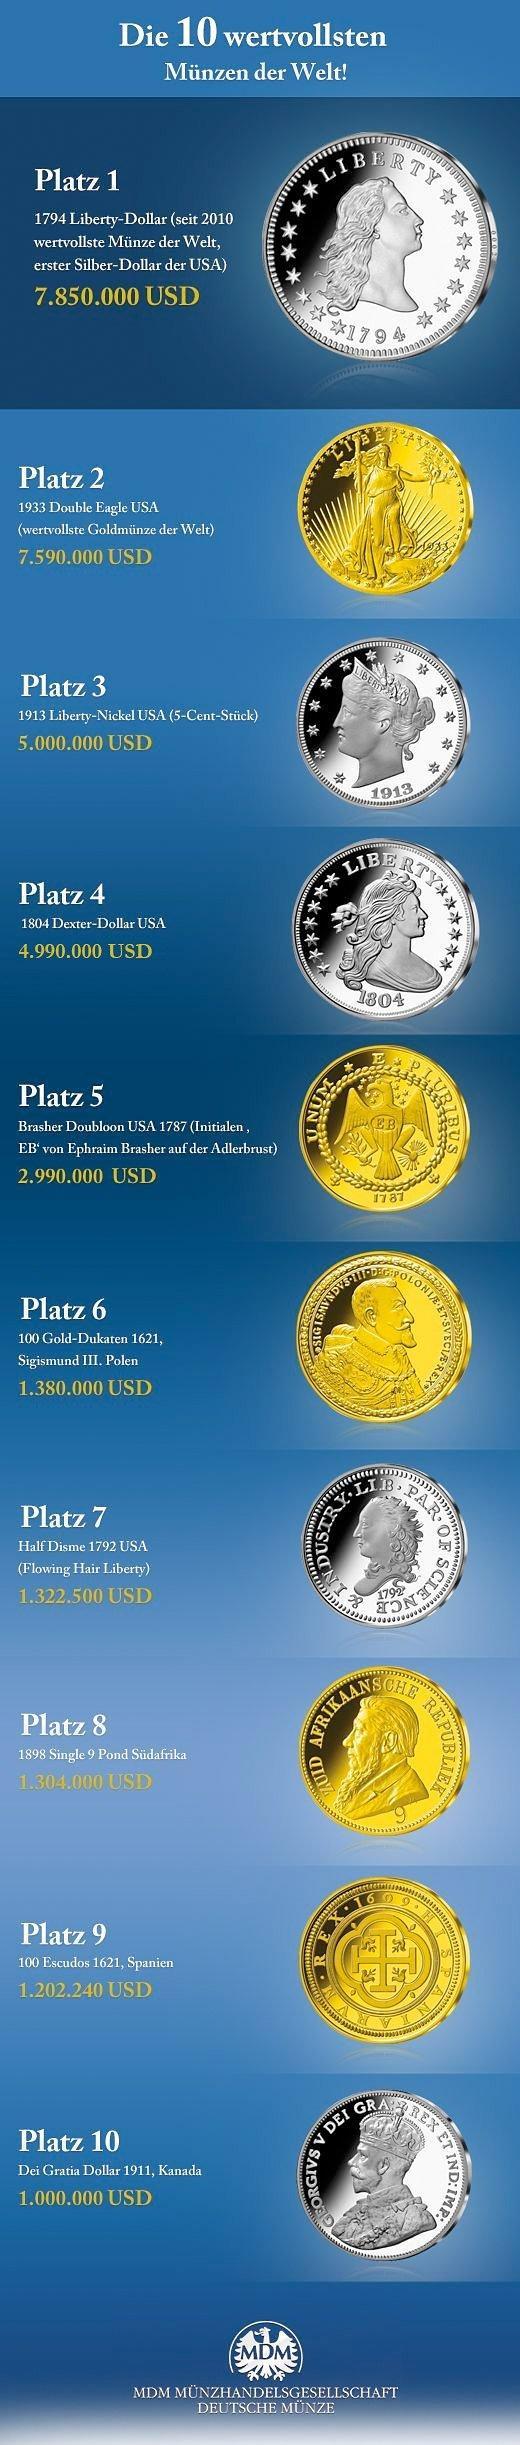 Die Wertvollsten Münzen Der Welt Mdm Deutsche Münze